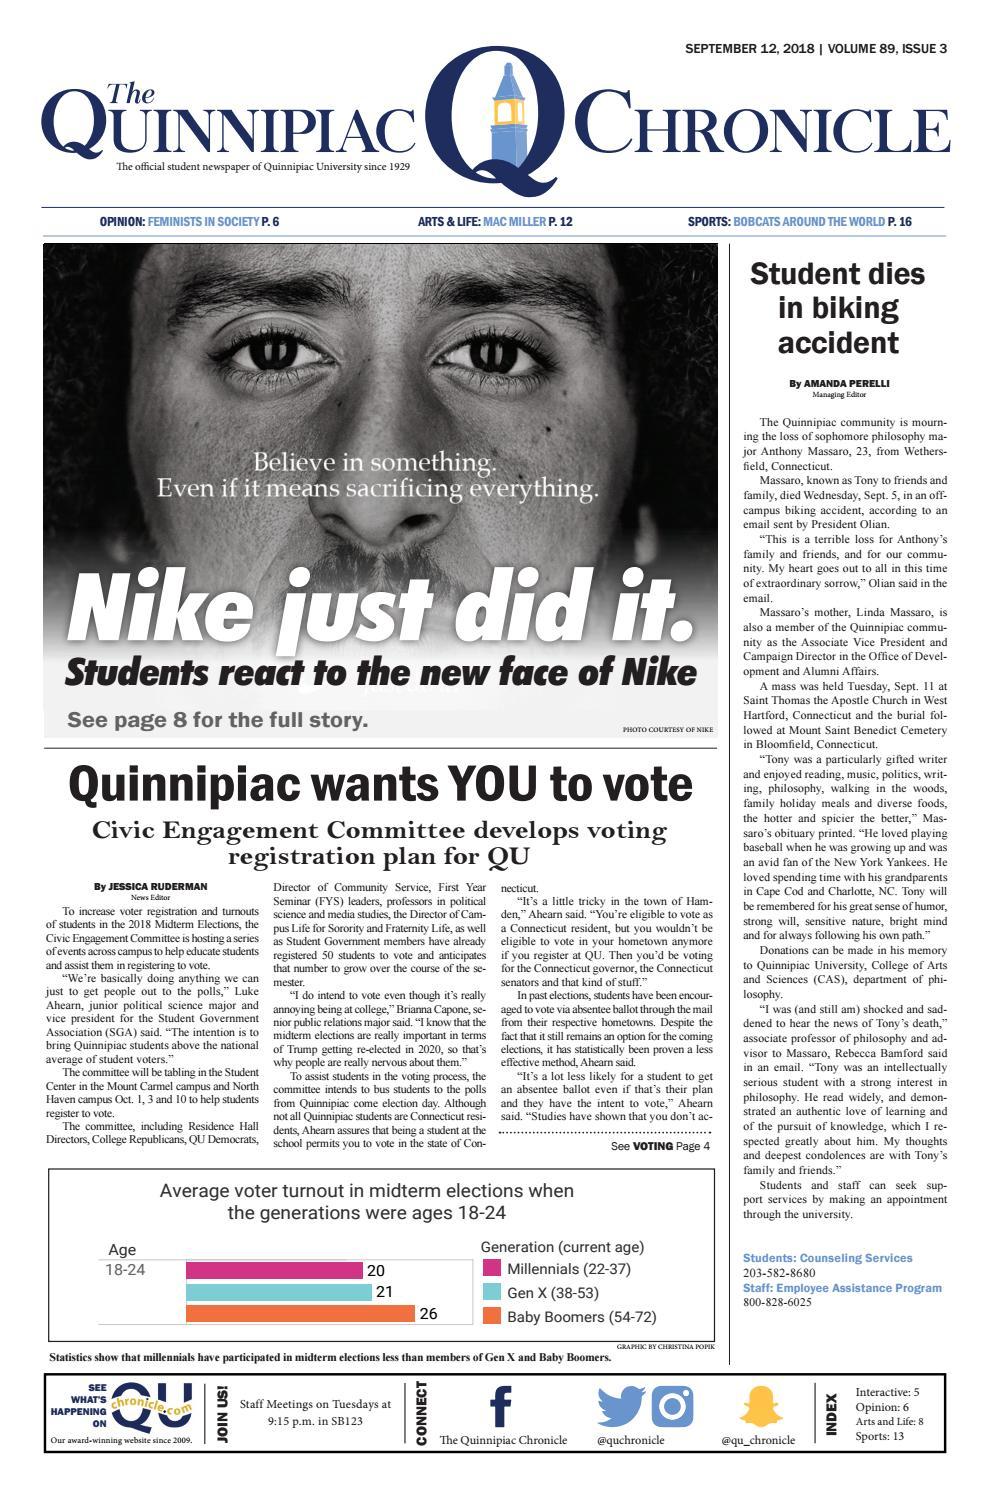 The Quinnipiac Chronicle, Volume 89, Issue 3 by The Quinnipiac